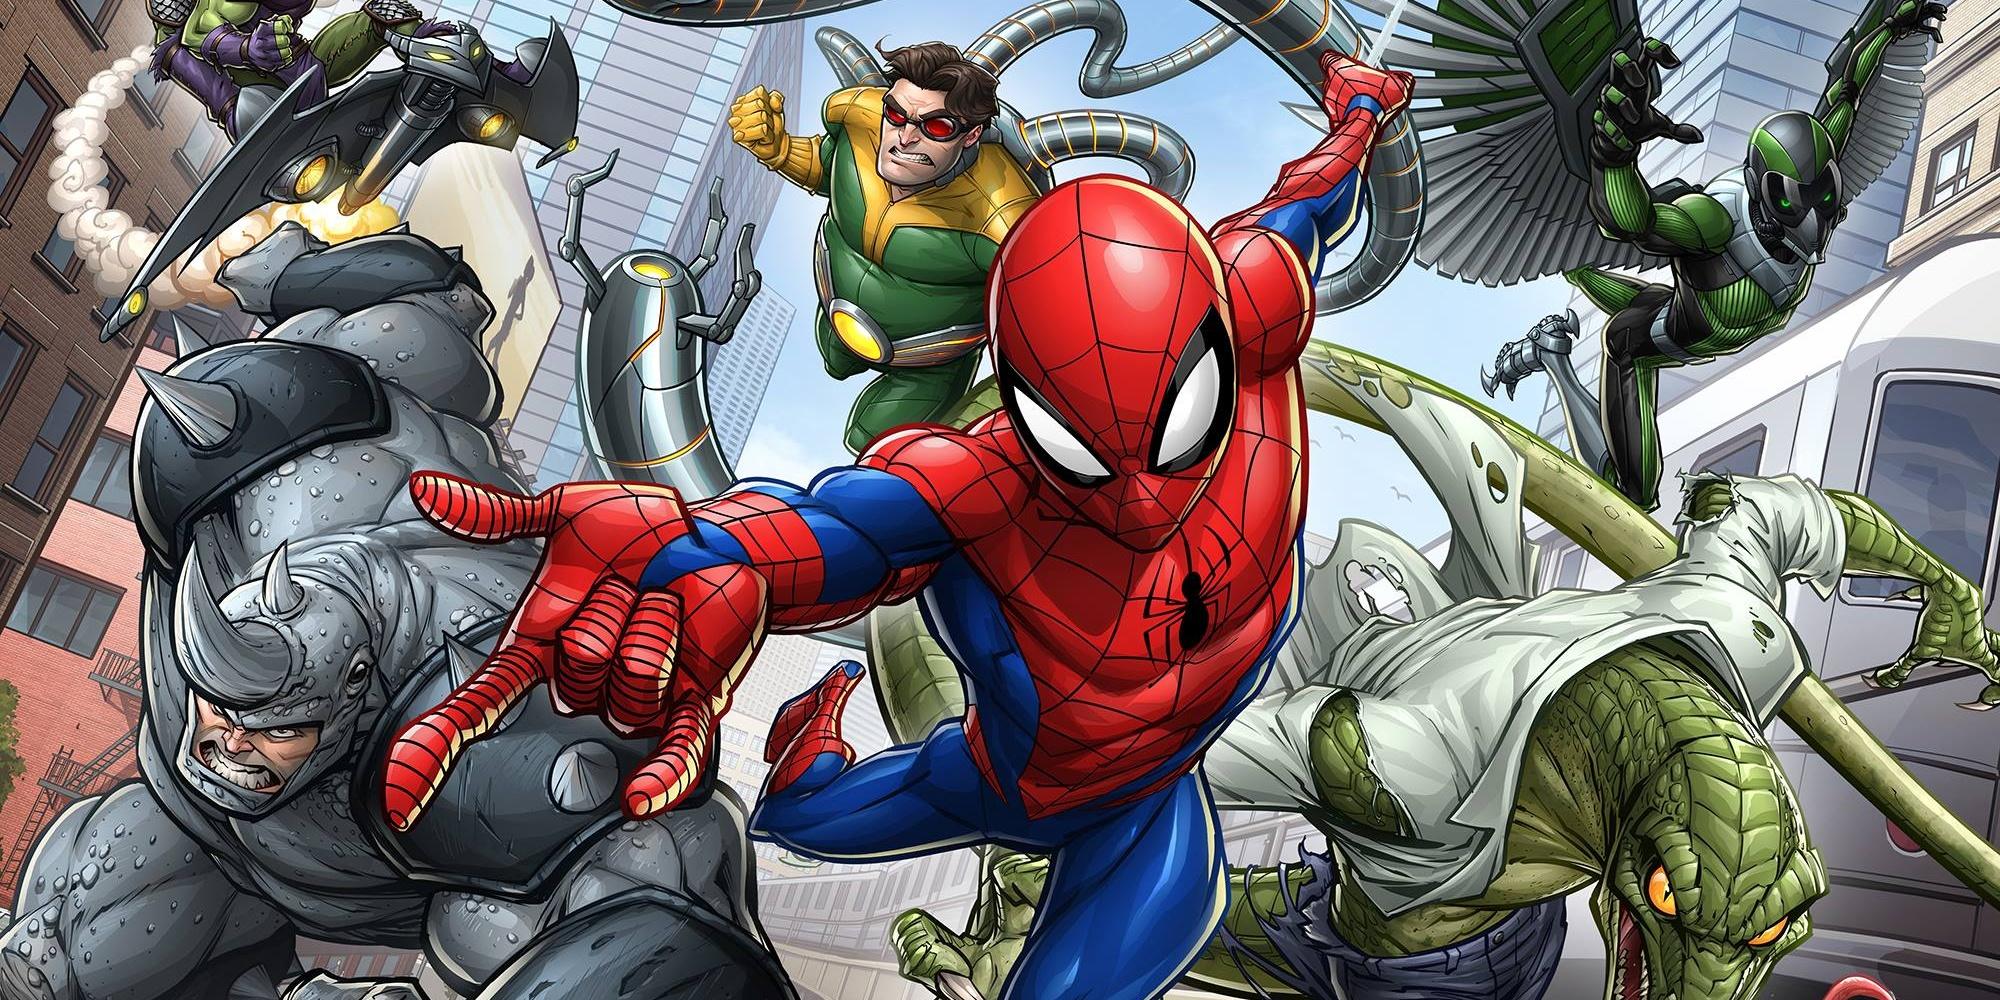 Good Wallpaper Marvel Variant - marvel-spider-man-animated-art  Best Photo Reference_225398.jpg